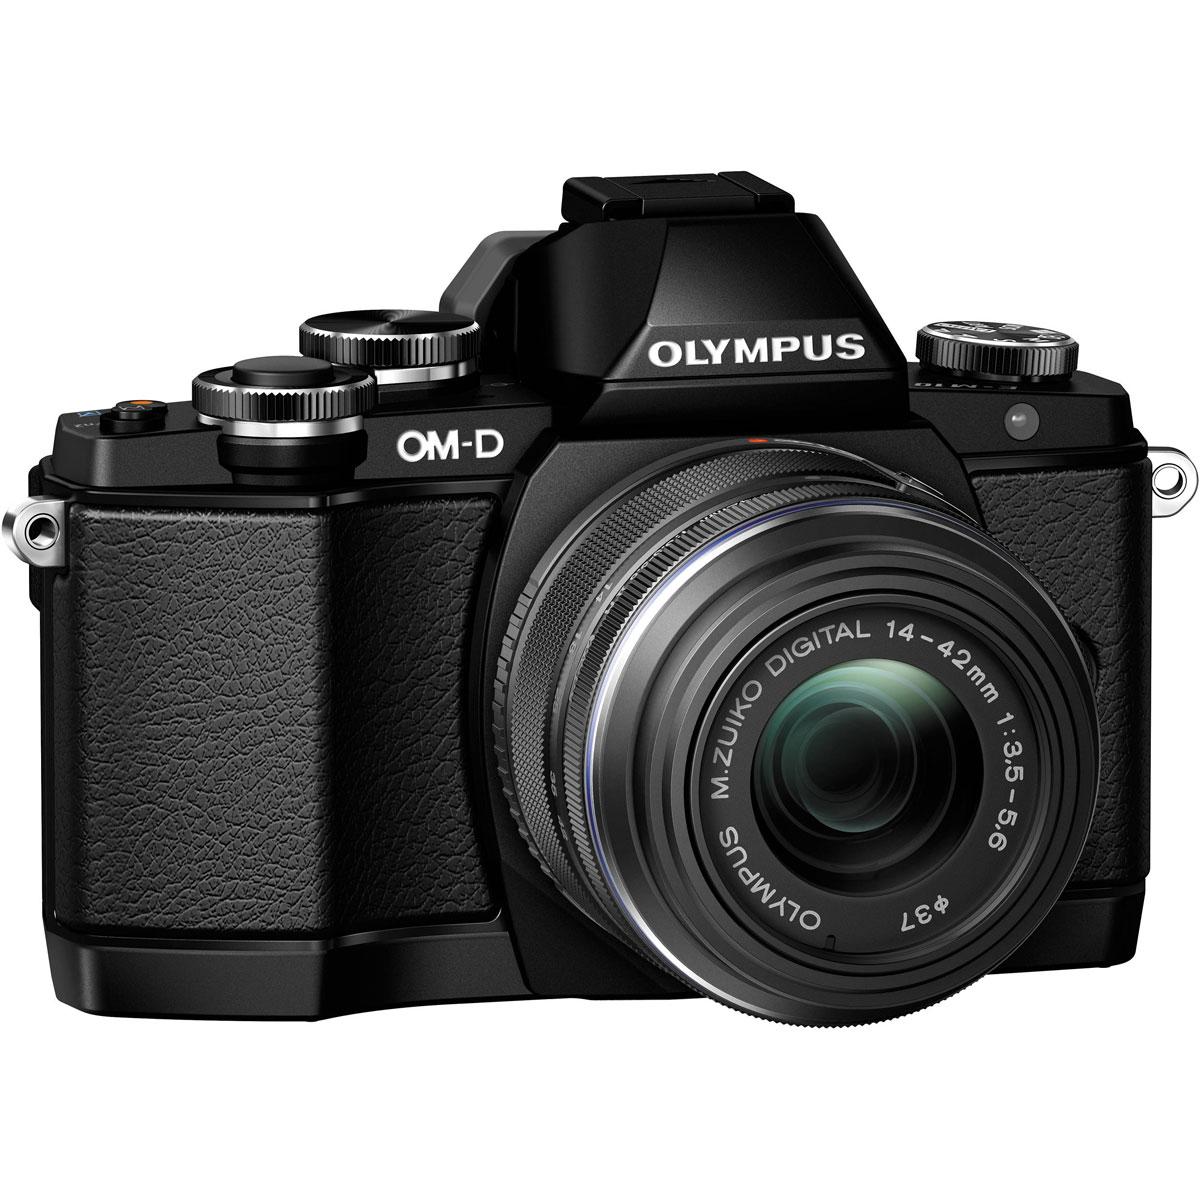 Olympus OM-D E-M10 Kit EZ-M1442 II R, Black цифровая фотокамера ( V207021BE000 )